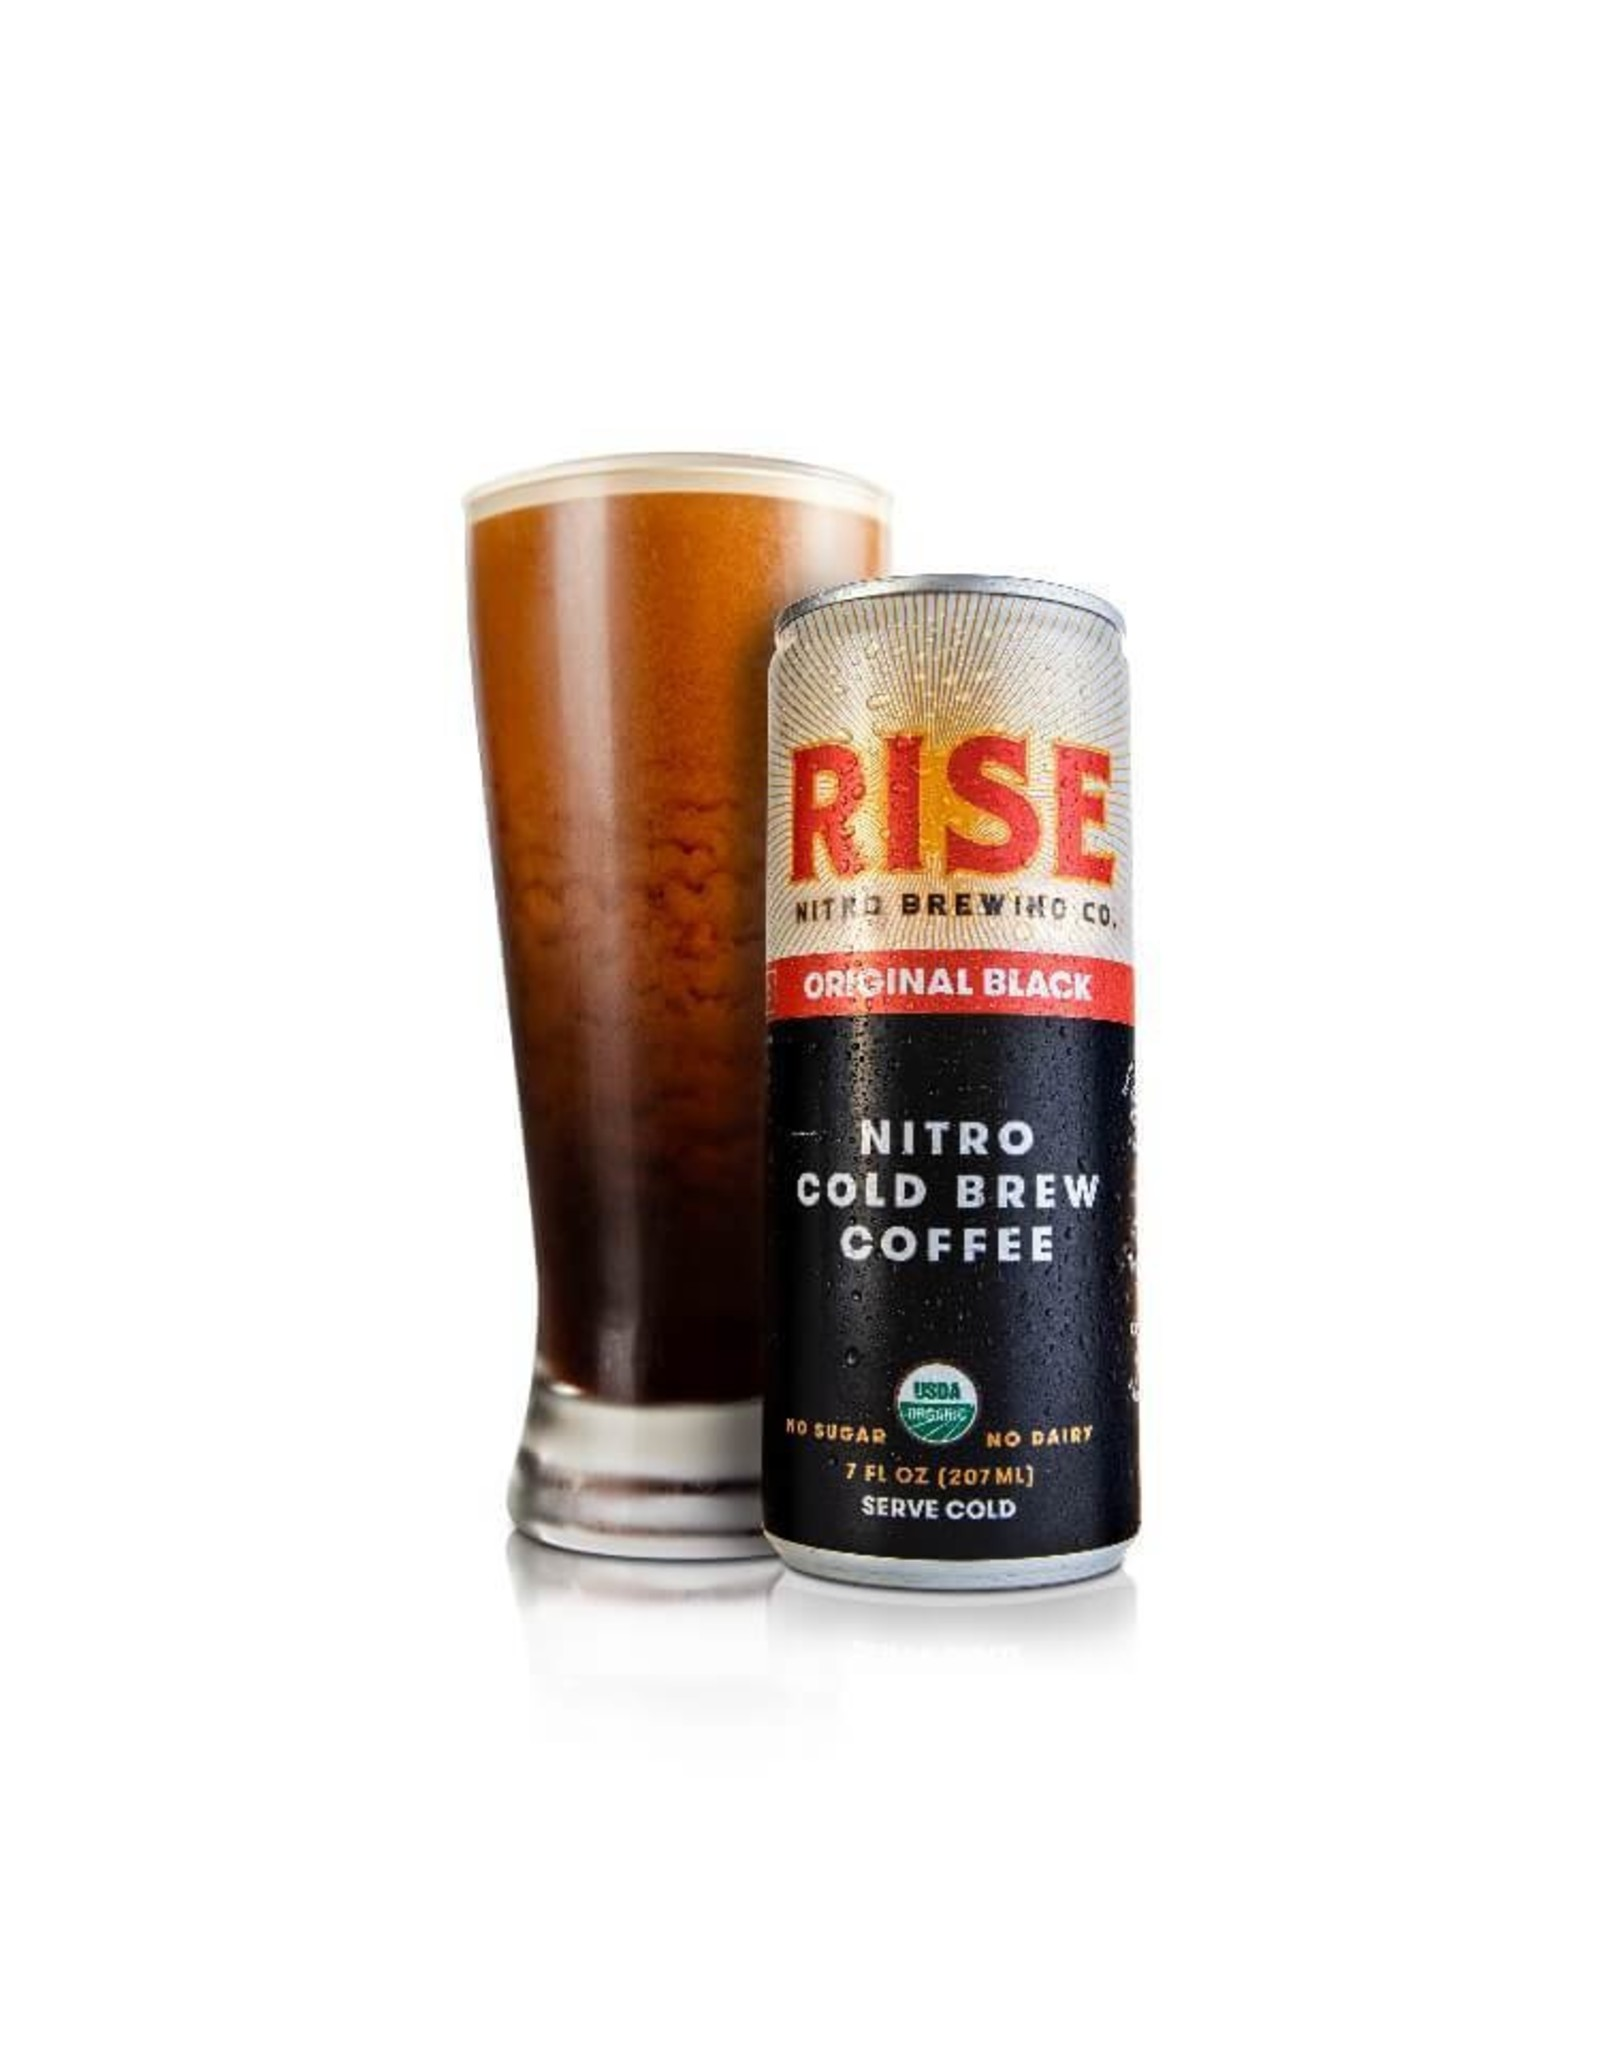 RISE Brewing Co. RISE Nitro Cold Brew (Original Black)